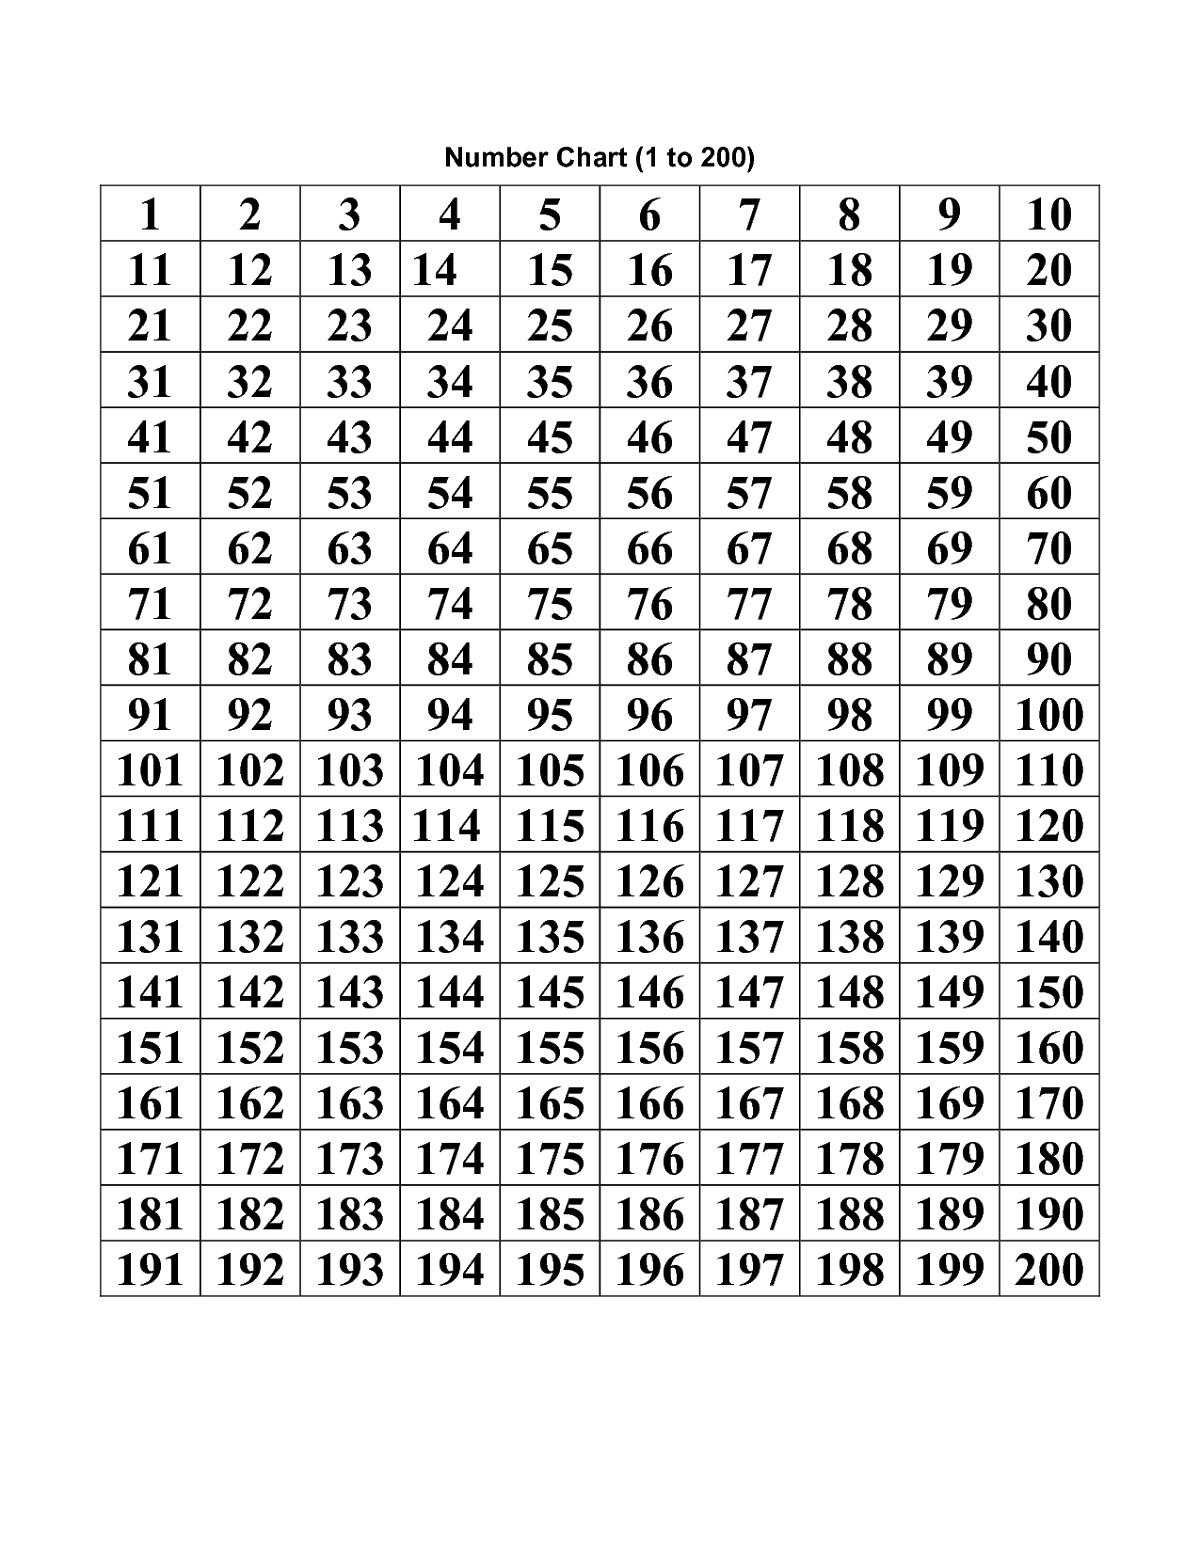 Number-Chart-1-200-Printable | Printable Numbers